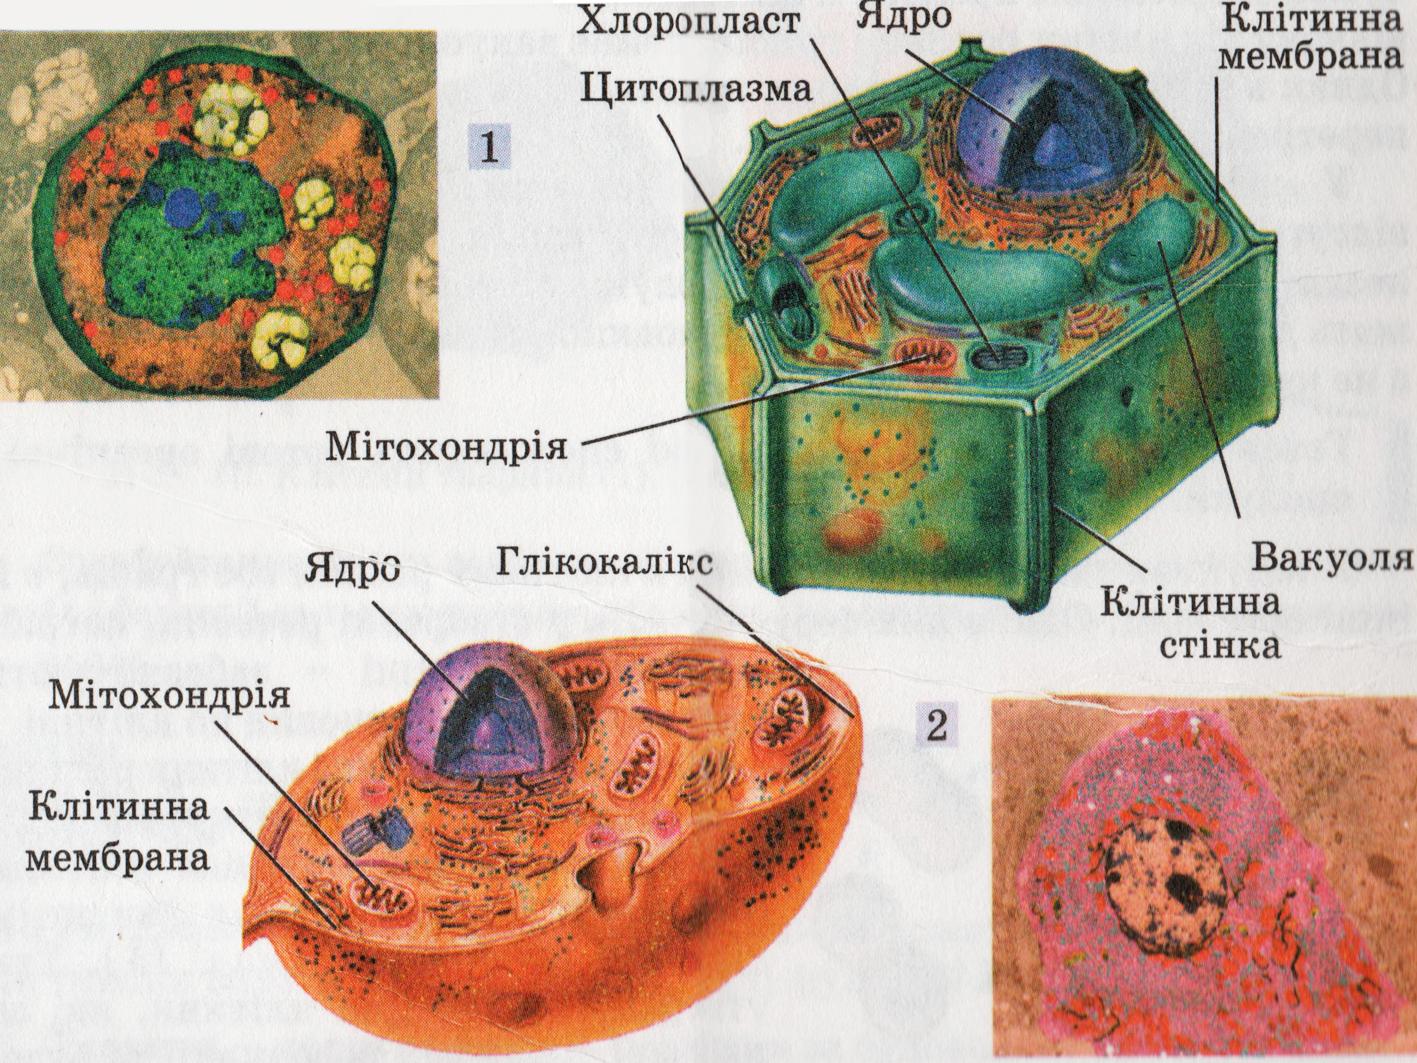 фото клітини тварин